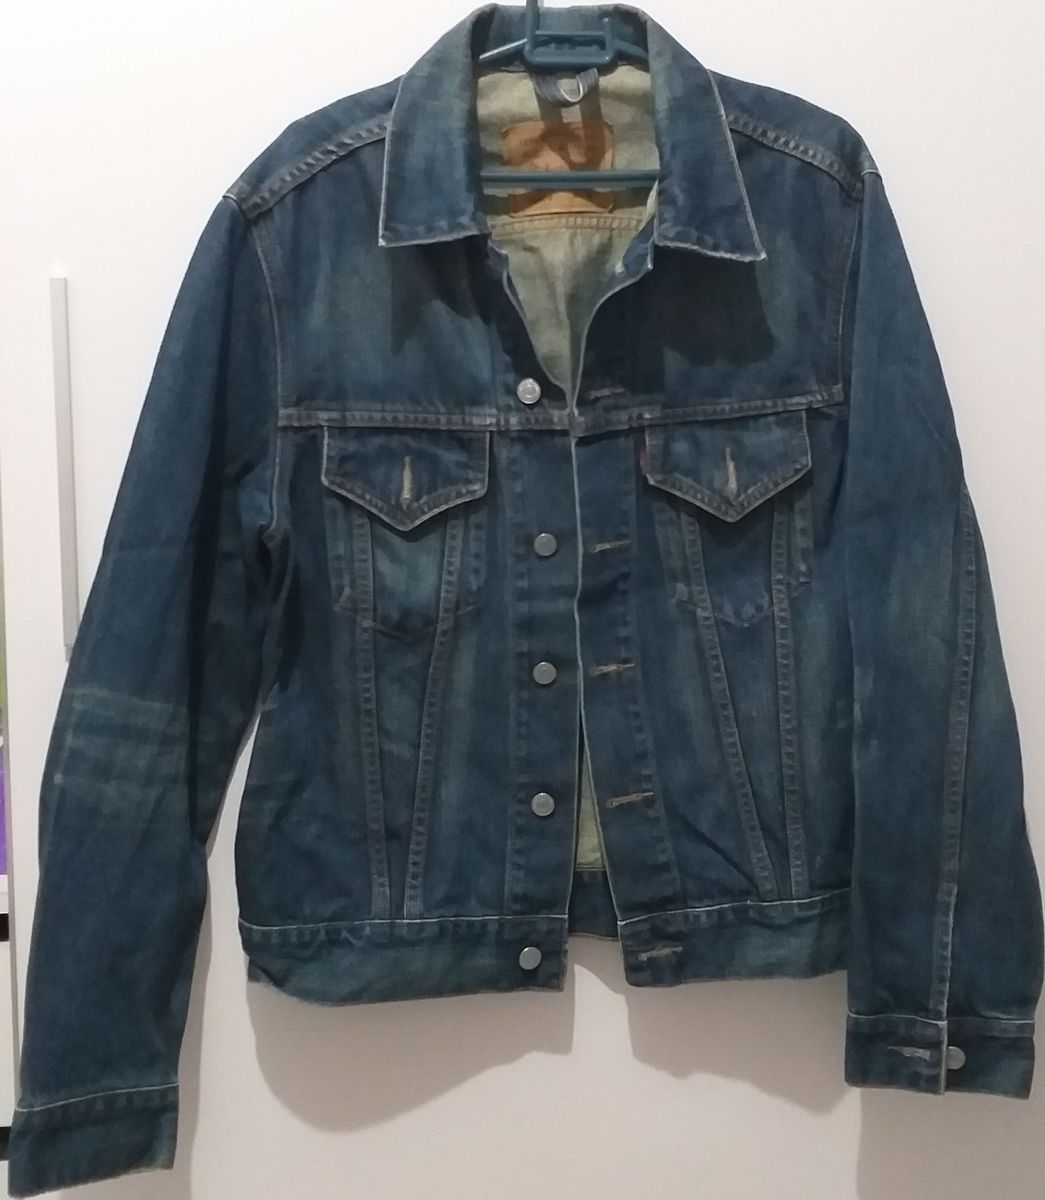 cfa0cf4da76ee jaqueta jeans levis - casacos levis.  Czm6ly9wag90b3muzw5qb2vplmnvbs5ici9wcm9kdwn0cy81odu1nzqwl2yyzgzjotq1ymy2zmjhntrhmwuzyjvhntfjzjliyza3lmpwzw  ...